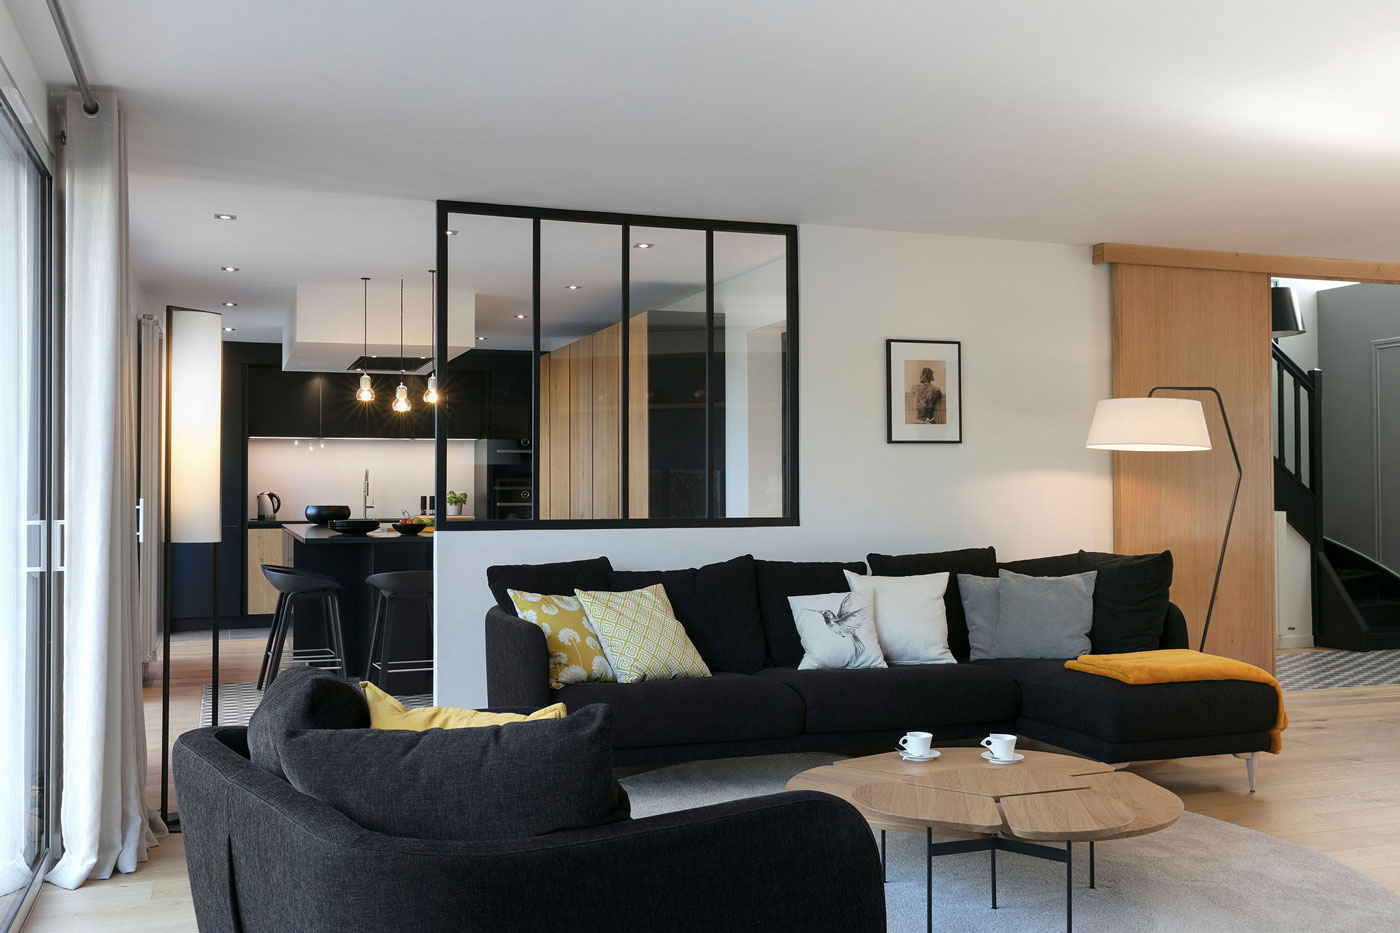 Maison décoration design yvelines